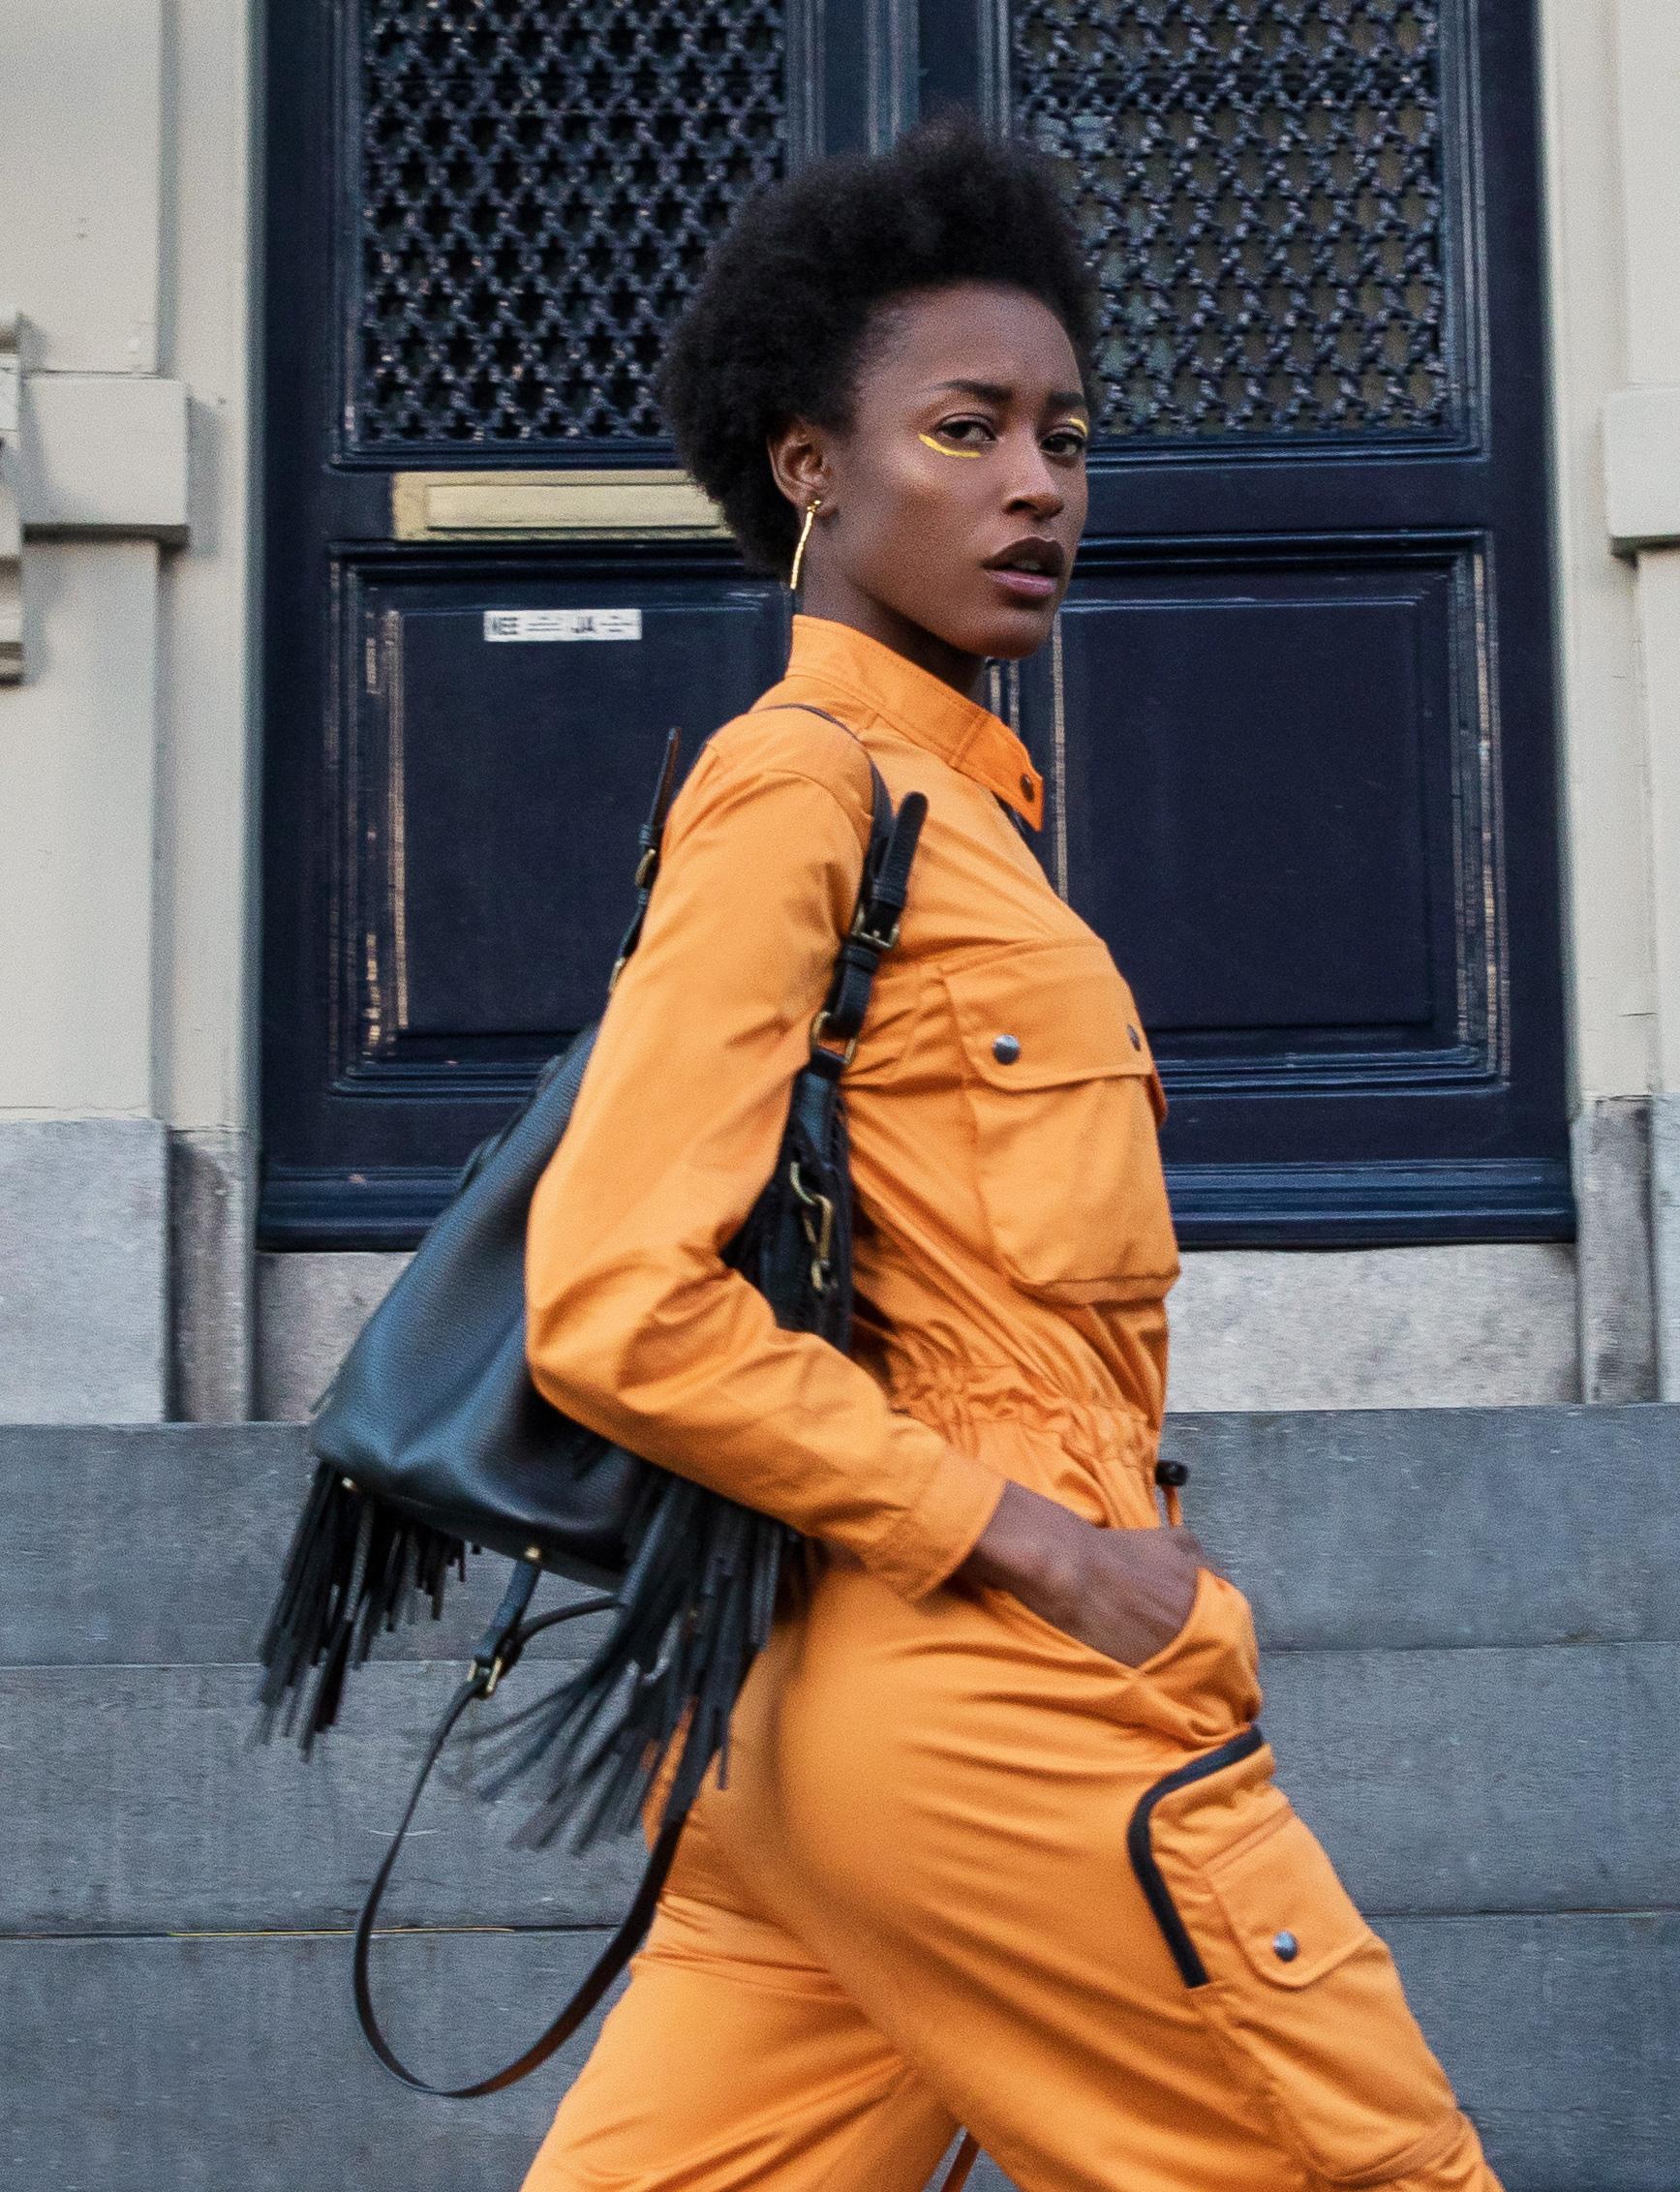 black-islington-on-orange